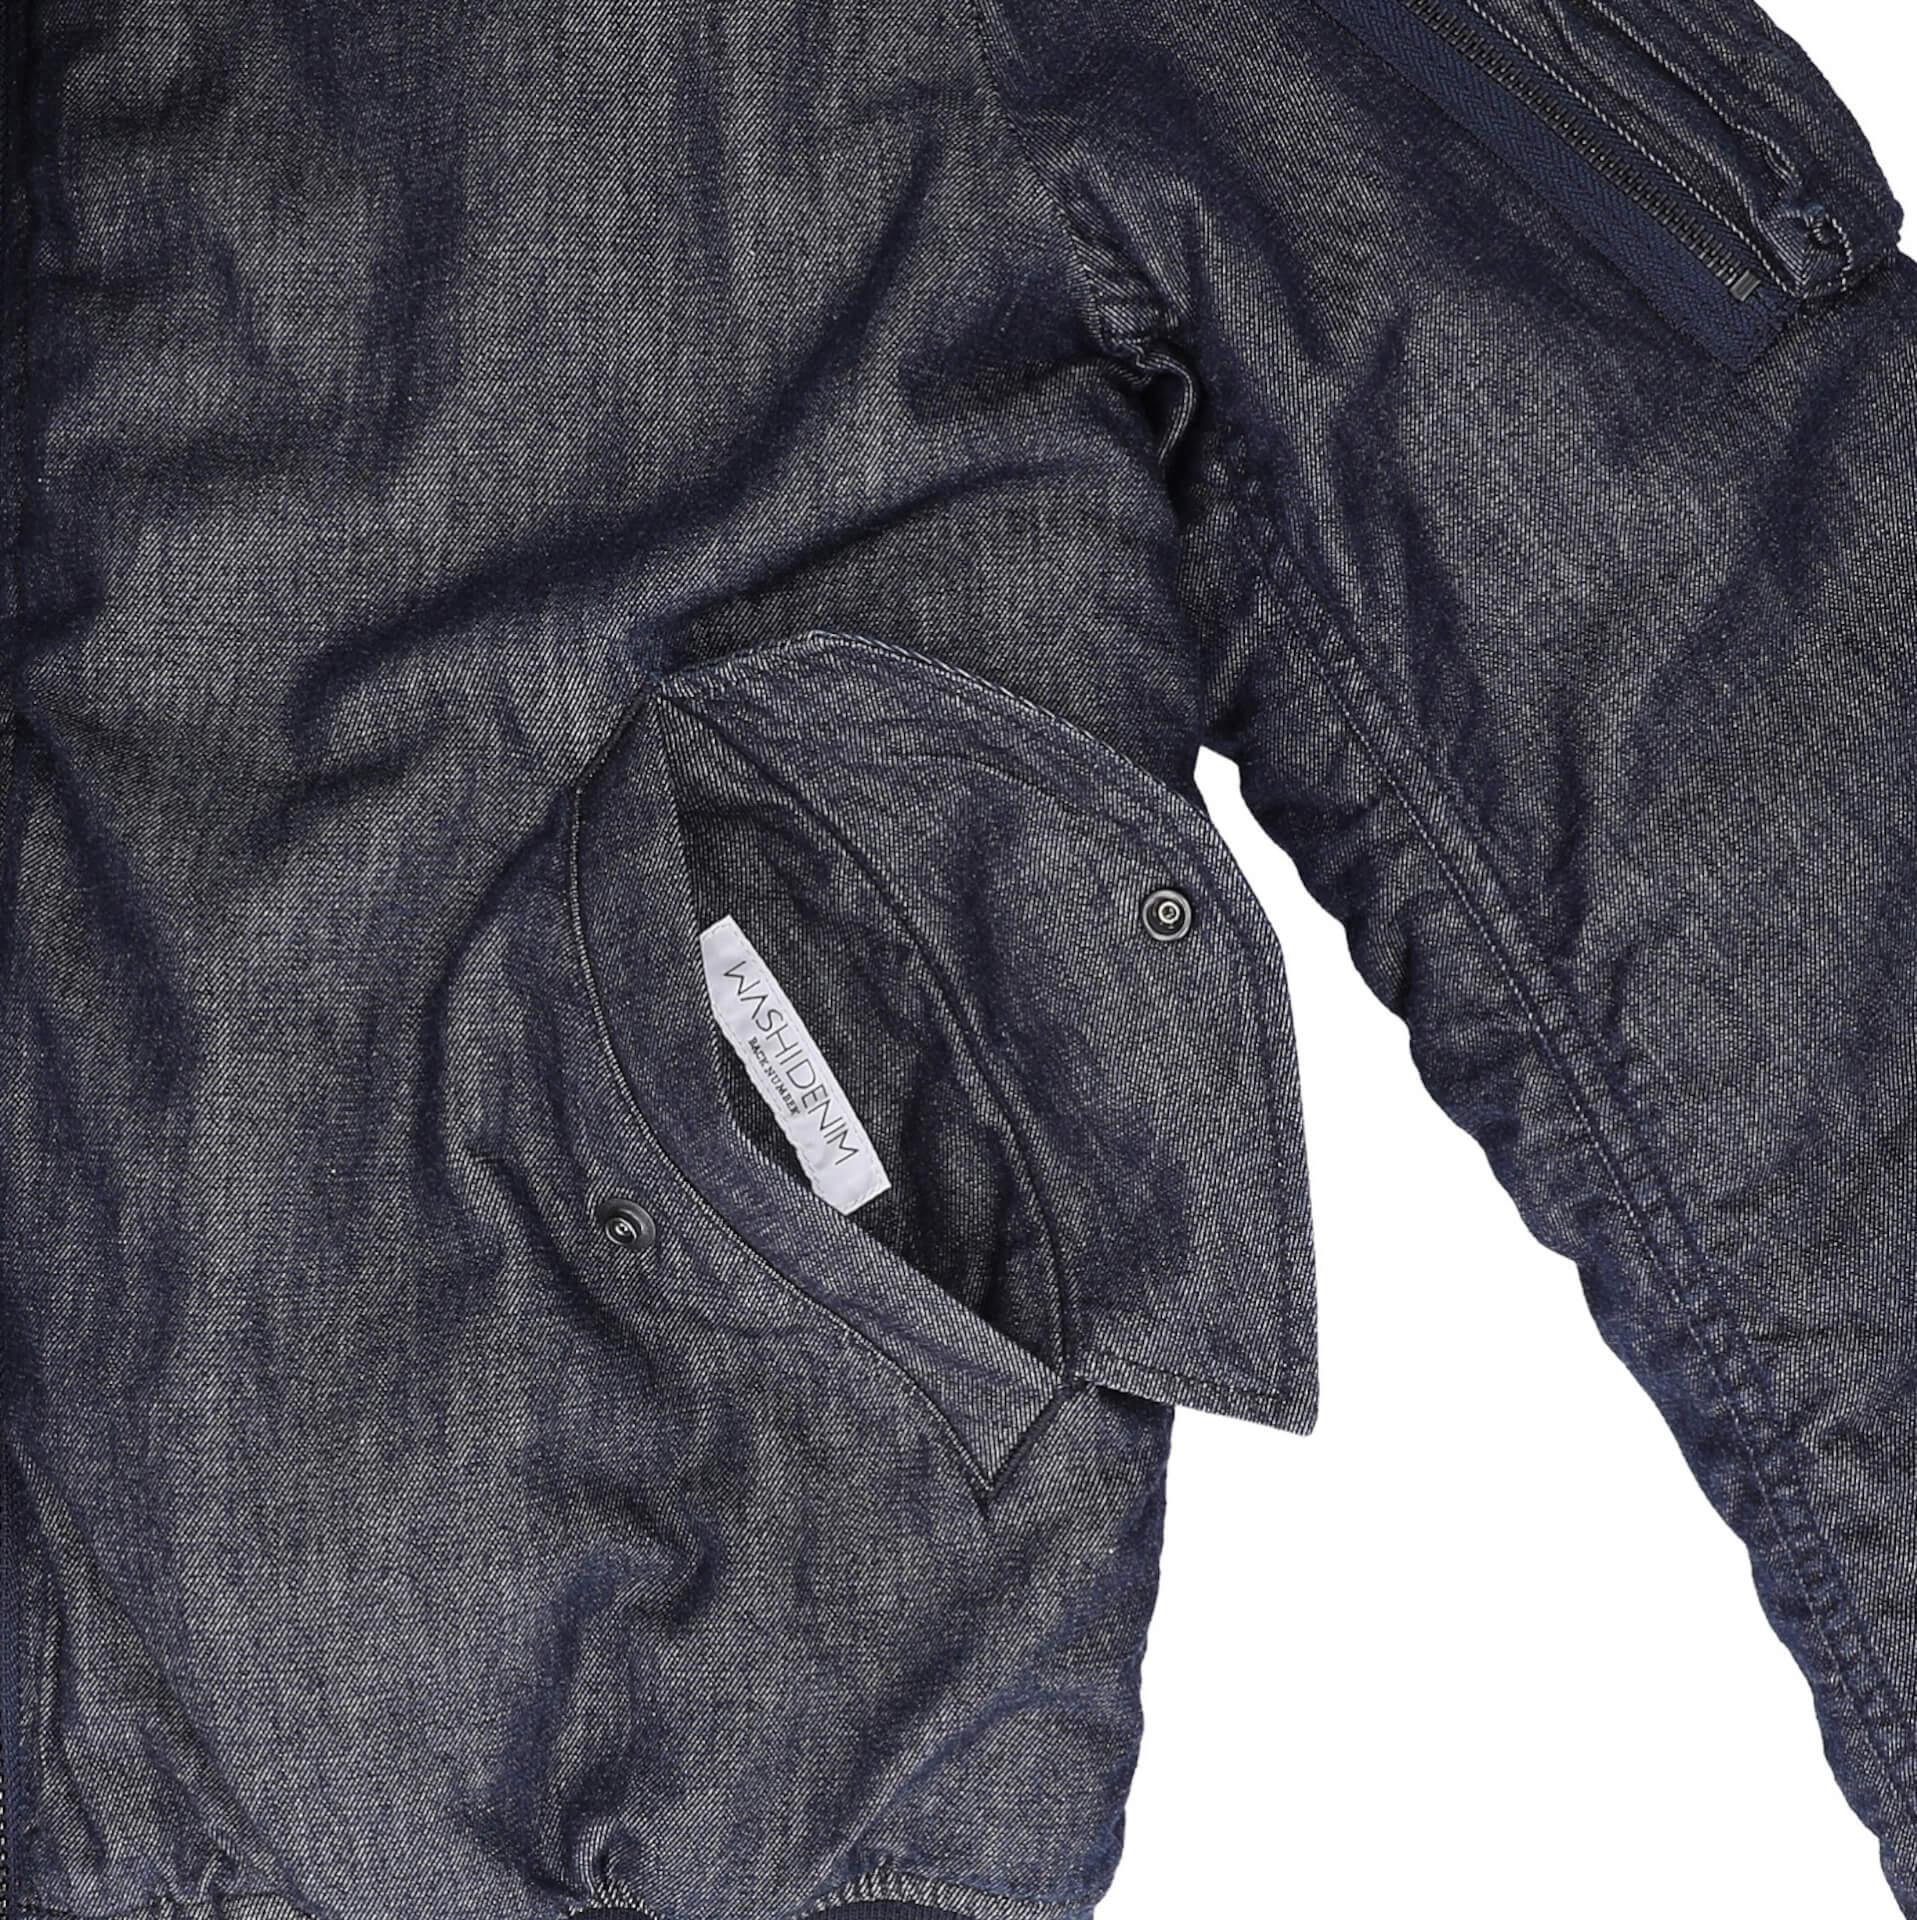 ライトオン×EDWIN「ALPHA INDUSTRIES」の別注「和紙MA-1ジャケット」が発売 life190926_washidenim_2-1